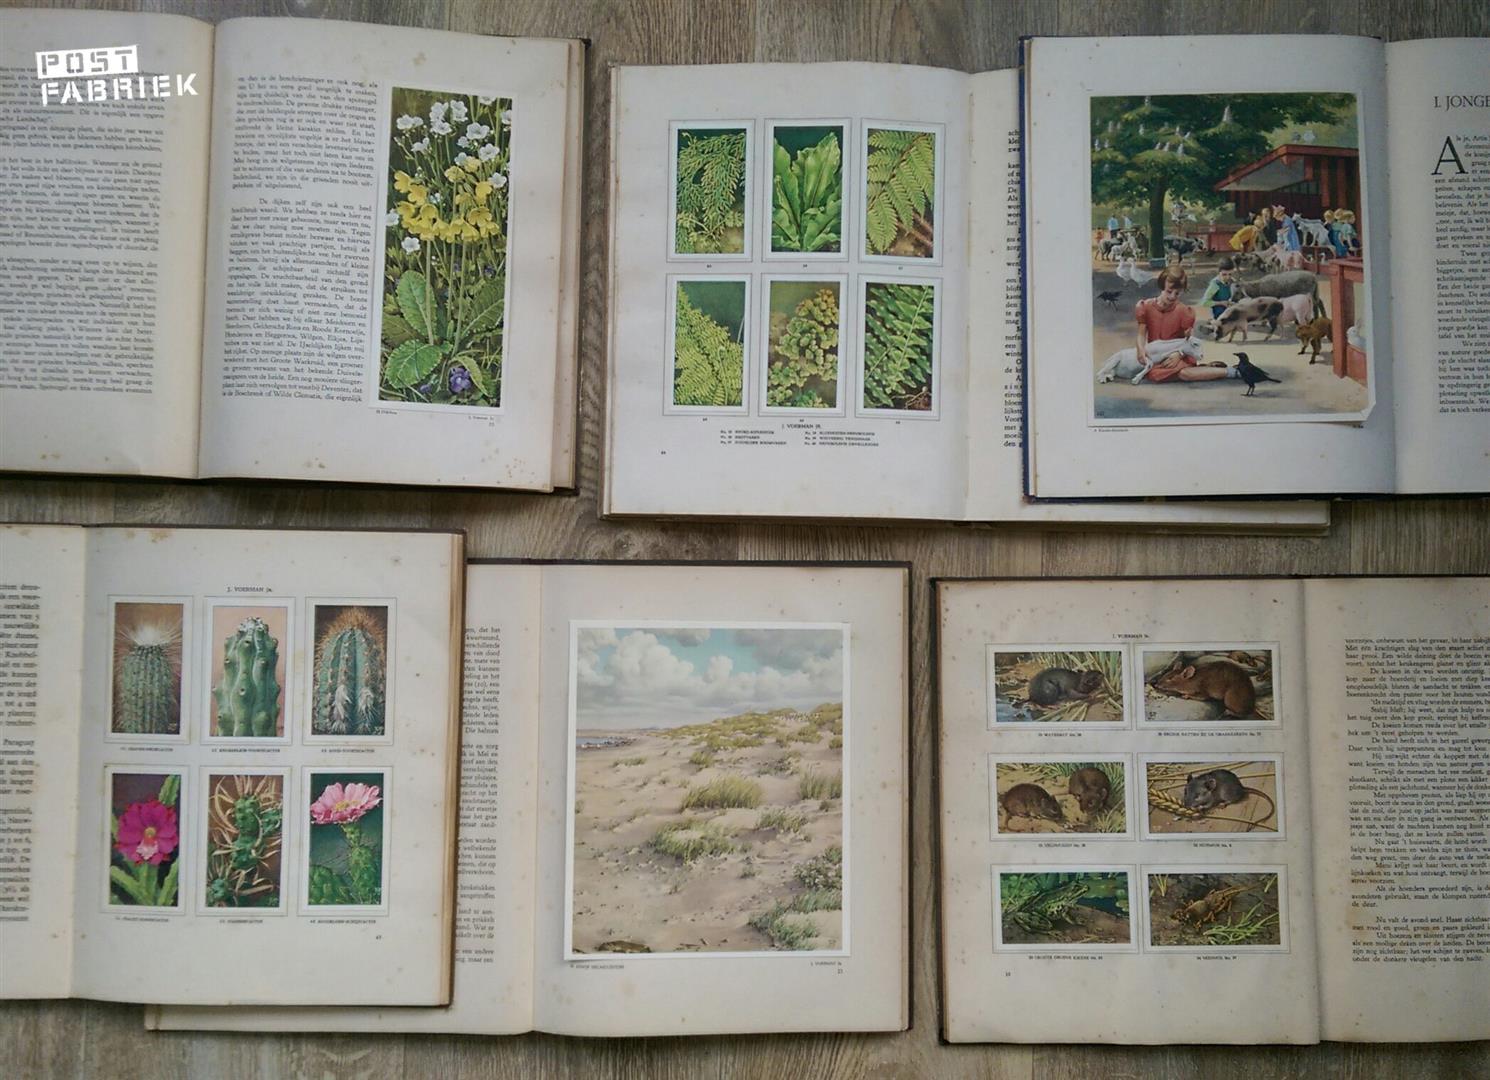 Van links naar rechts: Waar wij leven, Kamerplanten, Dierenleven in Artis, Cactussen, Onze Groote Rivieren en Boerdery